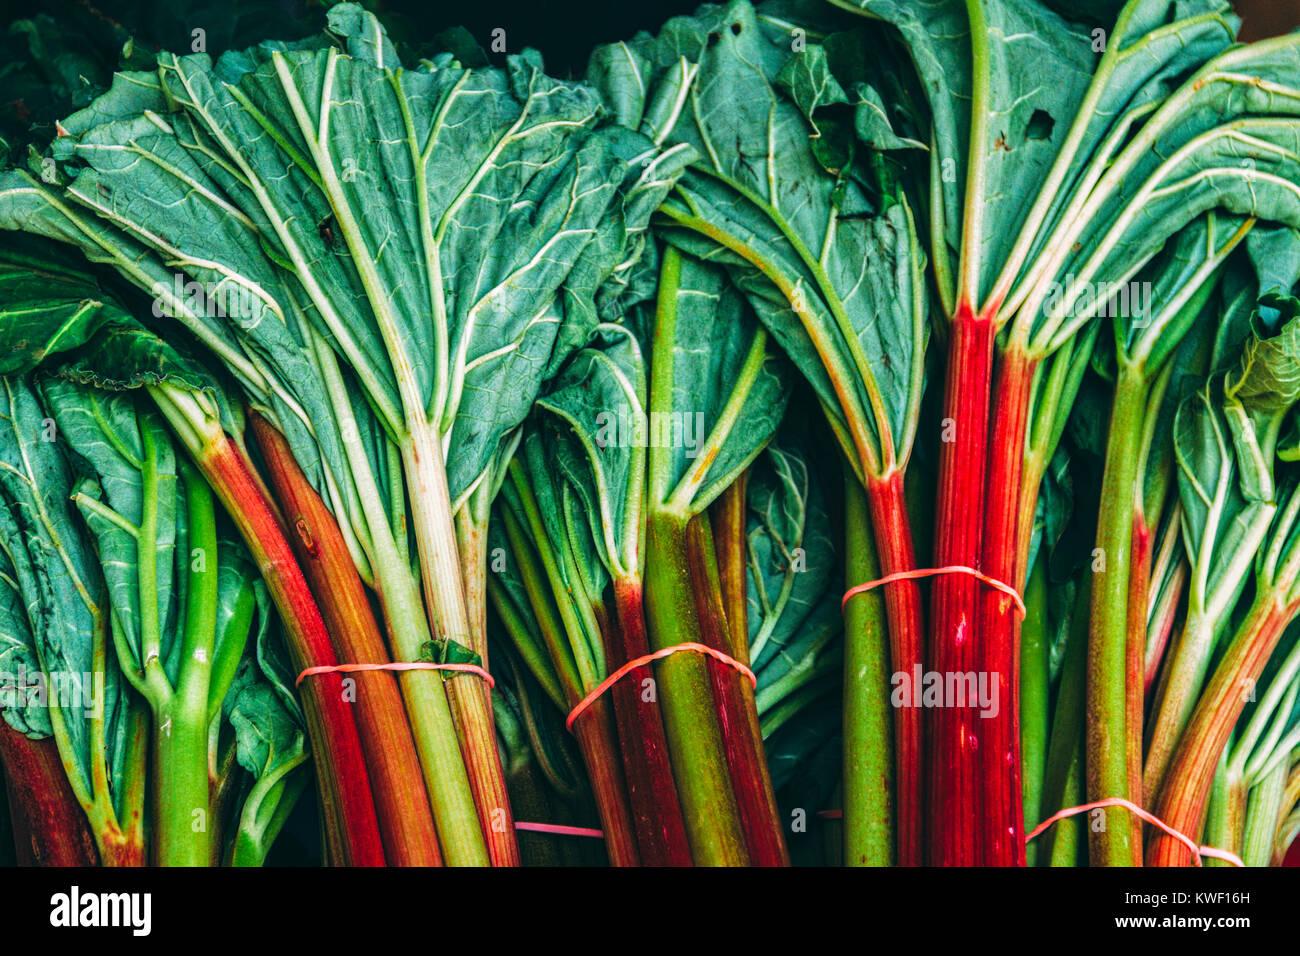 Rhabarber-Blätter Stockfoto